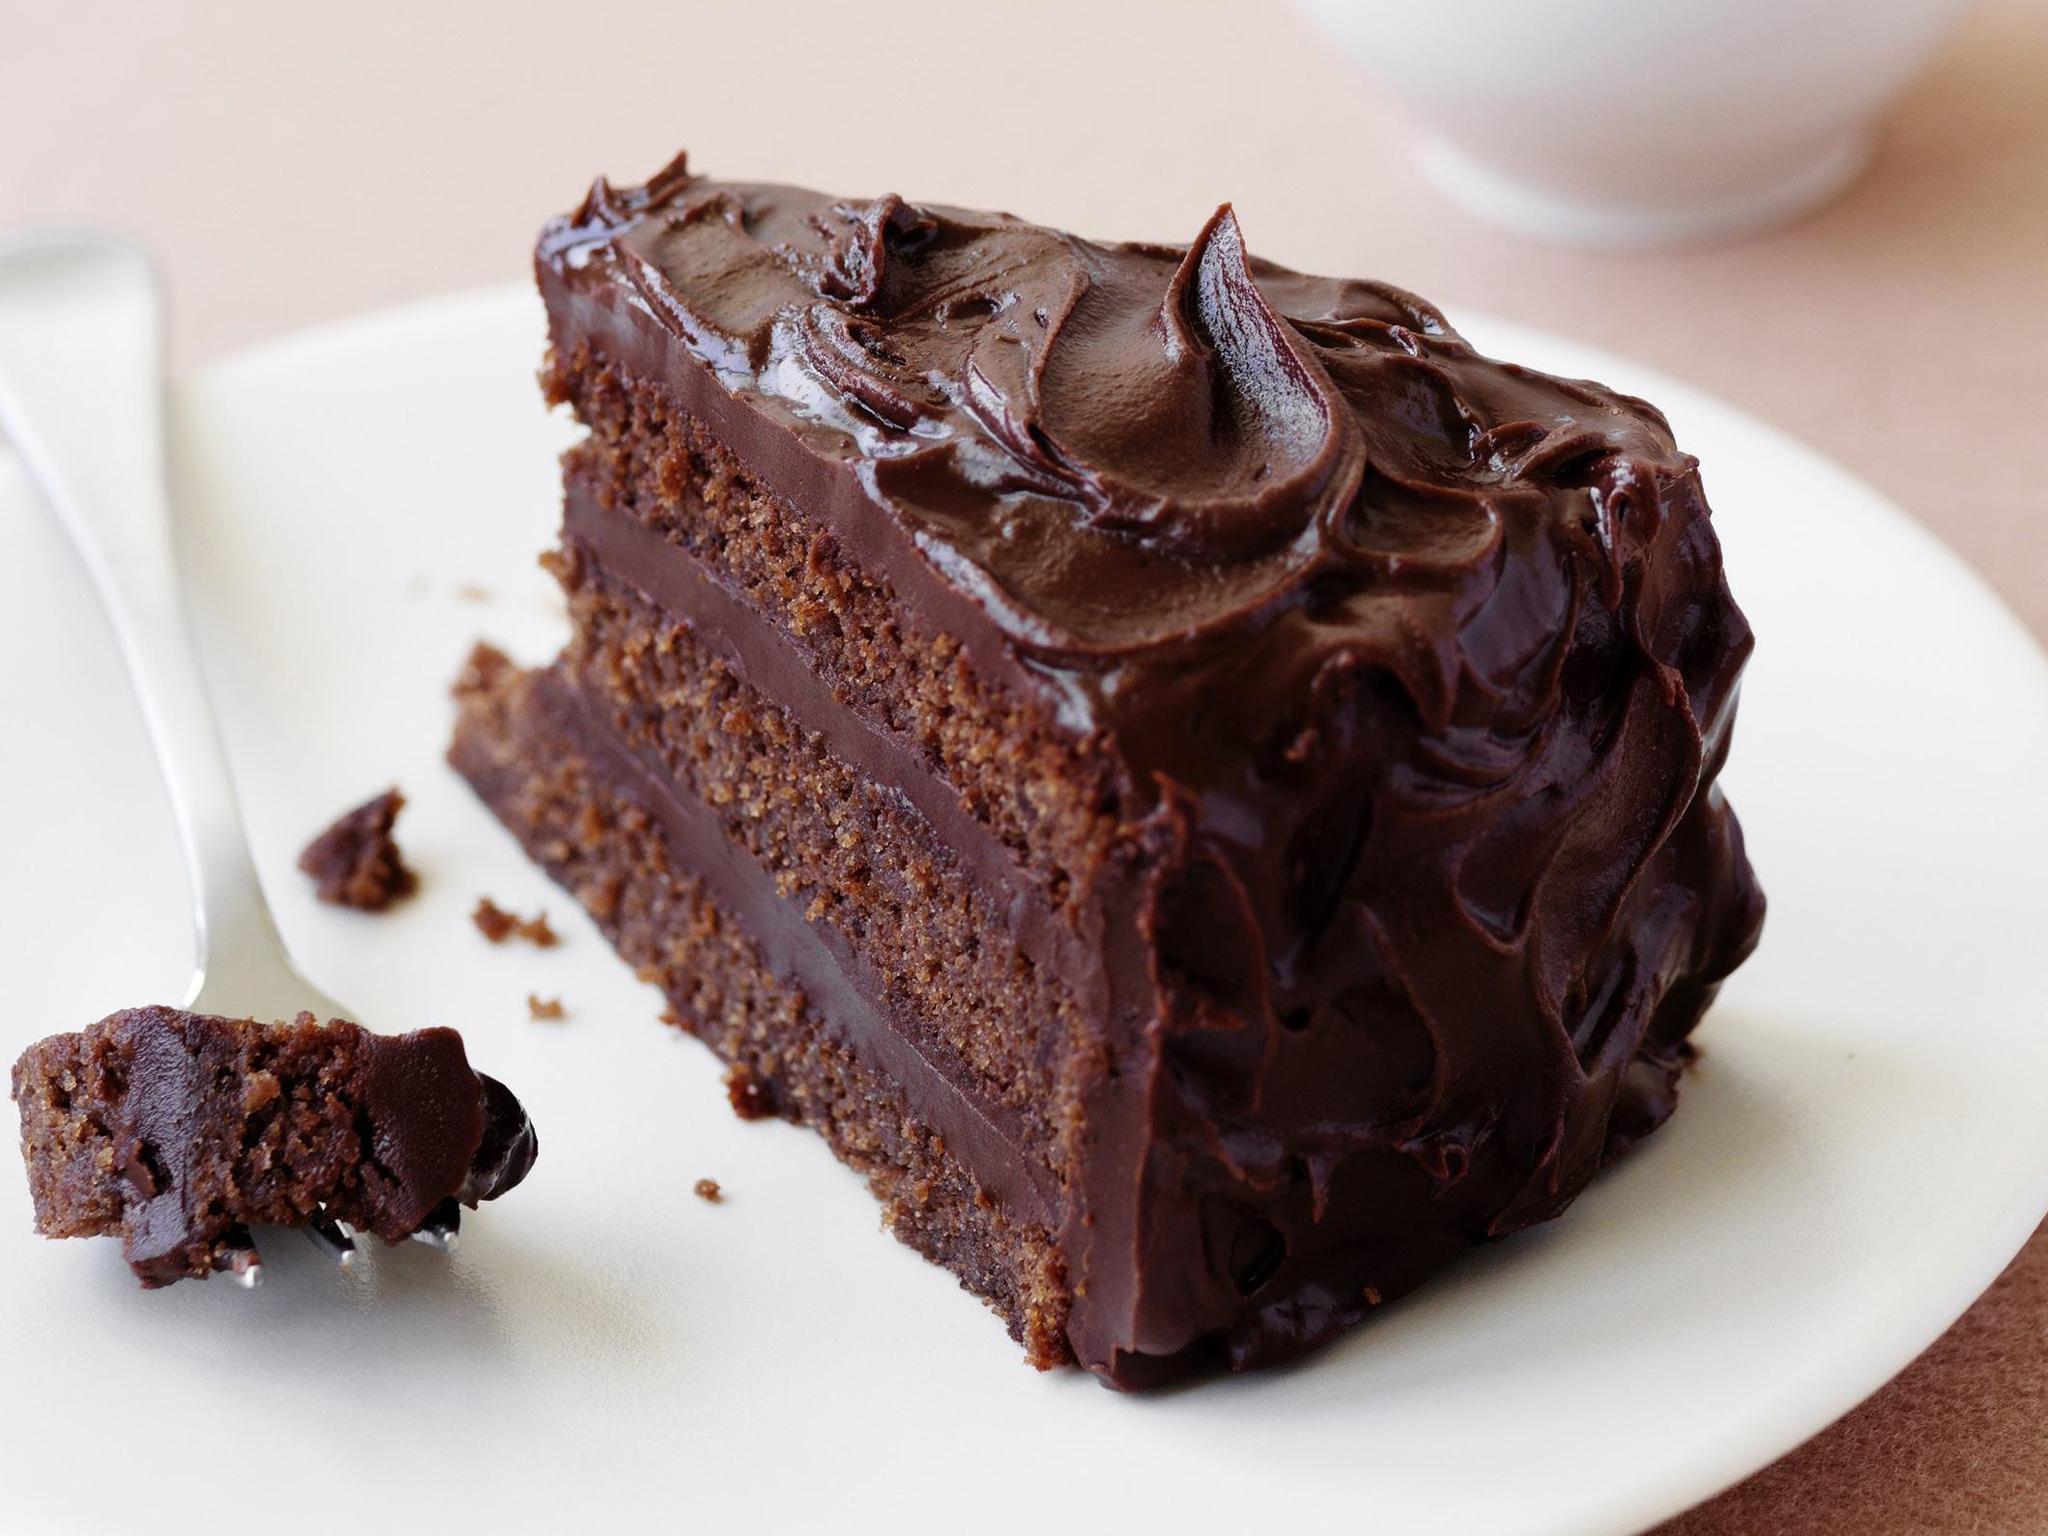 Chocolate Sauce For Lemon Cake